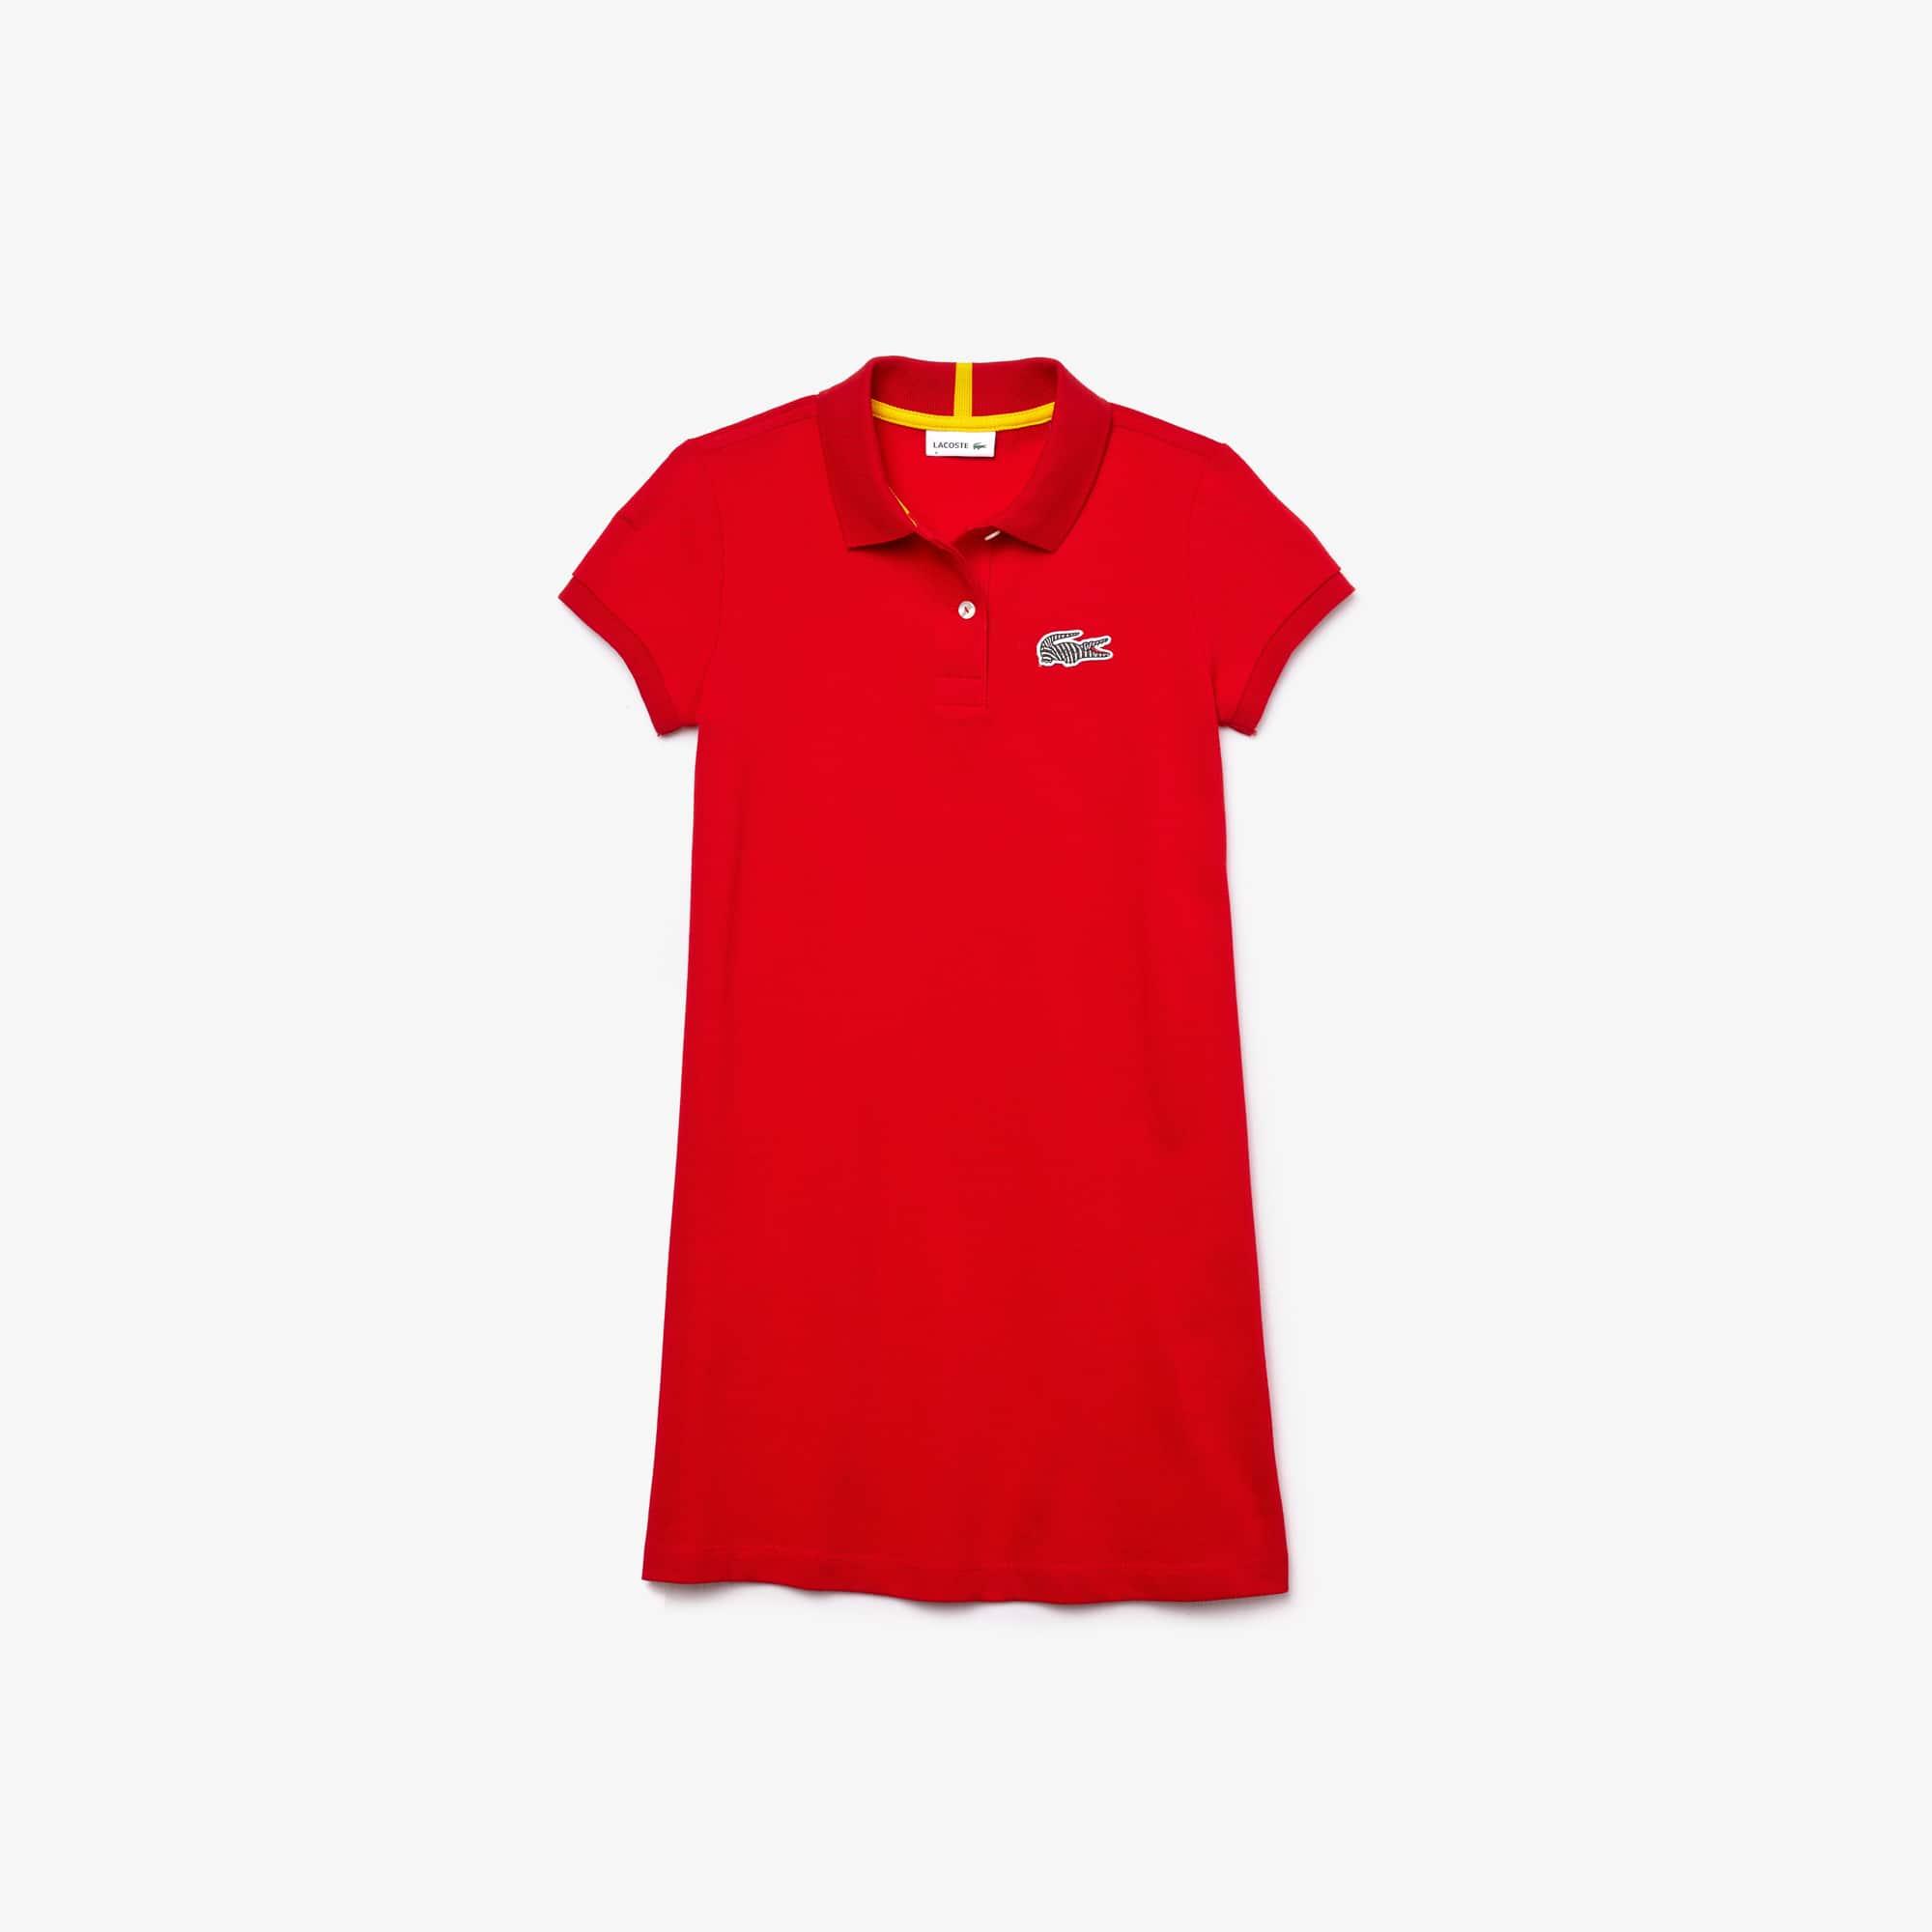 라코스테 X 내셔널 지오그래픽 콜라보 걸즈 폴로 셔츠원피스 Girls' Lacoste x National Geographic Cotton Pique Polo Shirt Dress